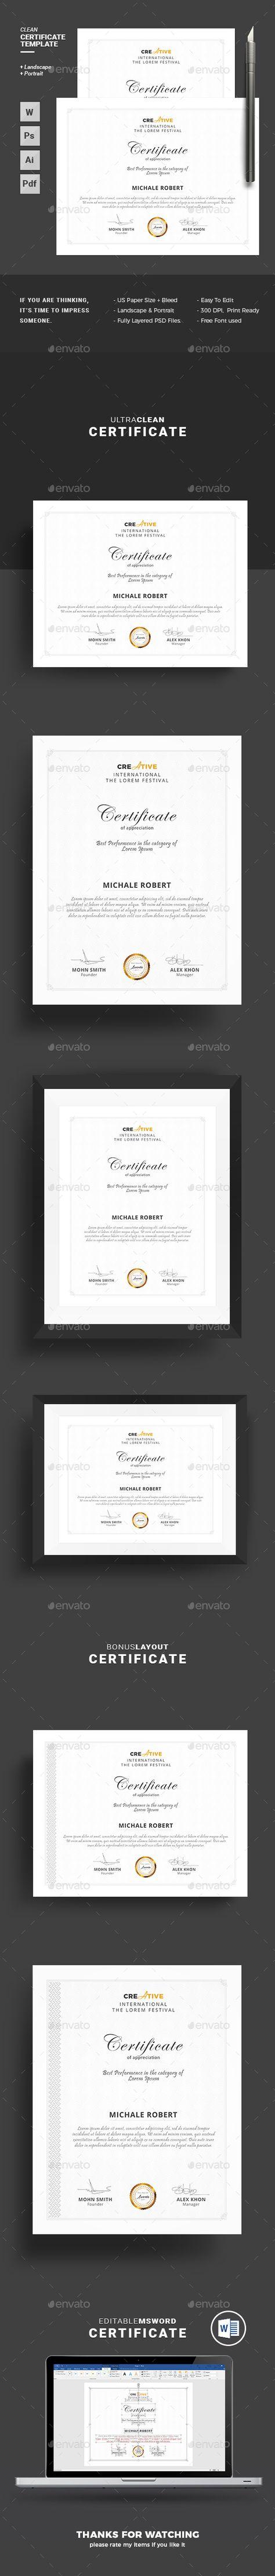 Best performance award certificate 04 | Pinterest